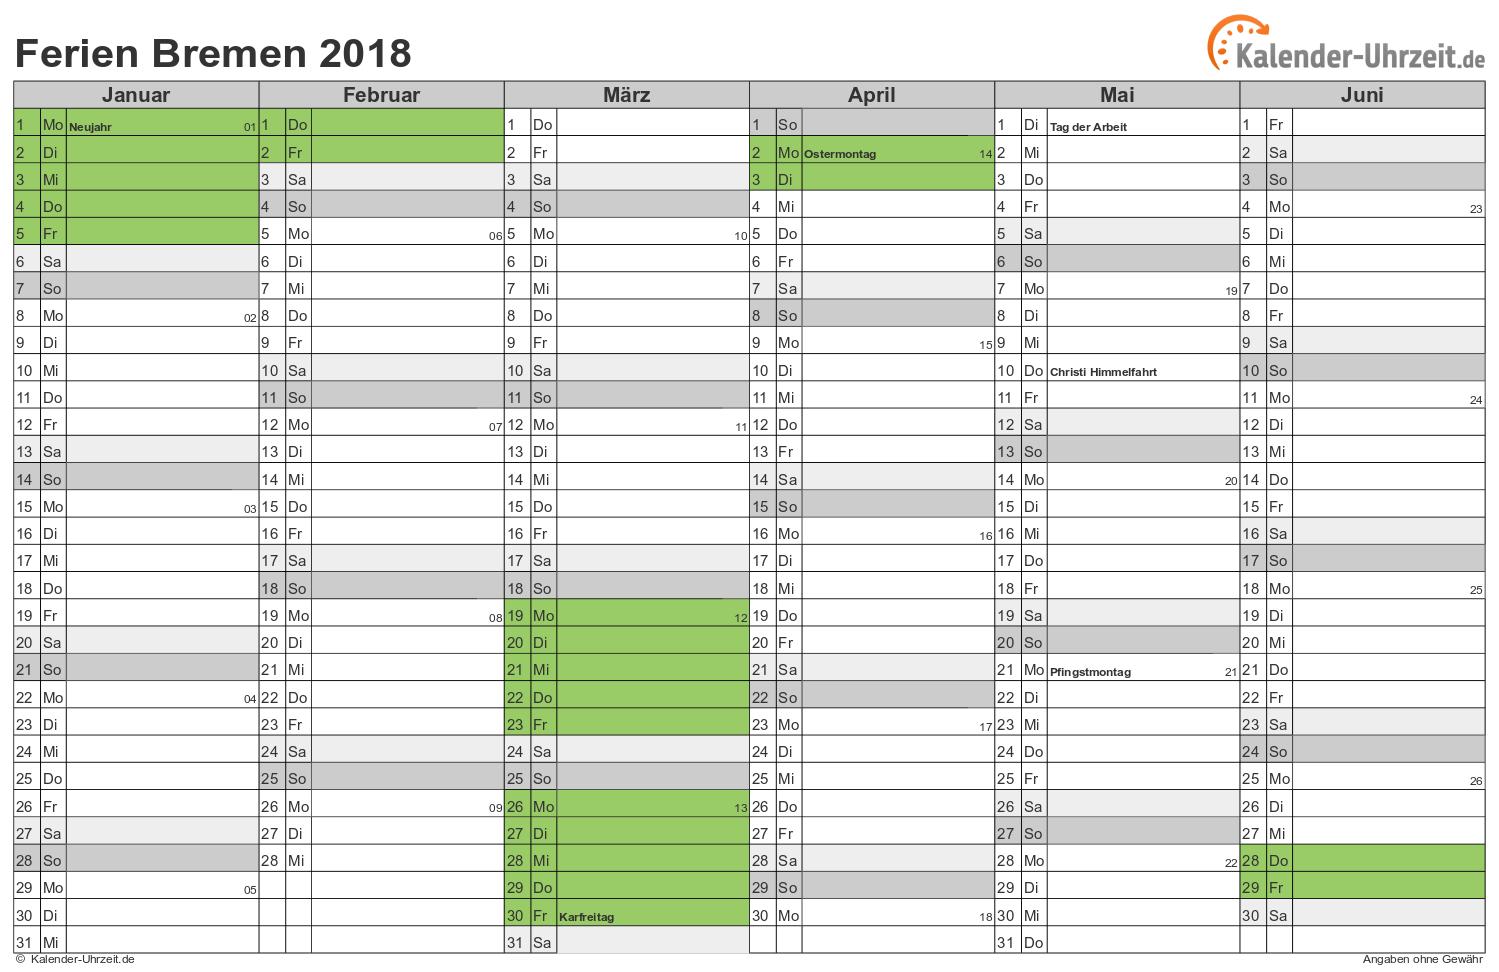 kalender bremen